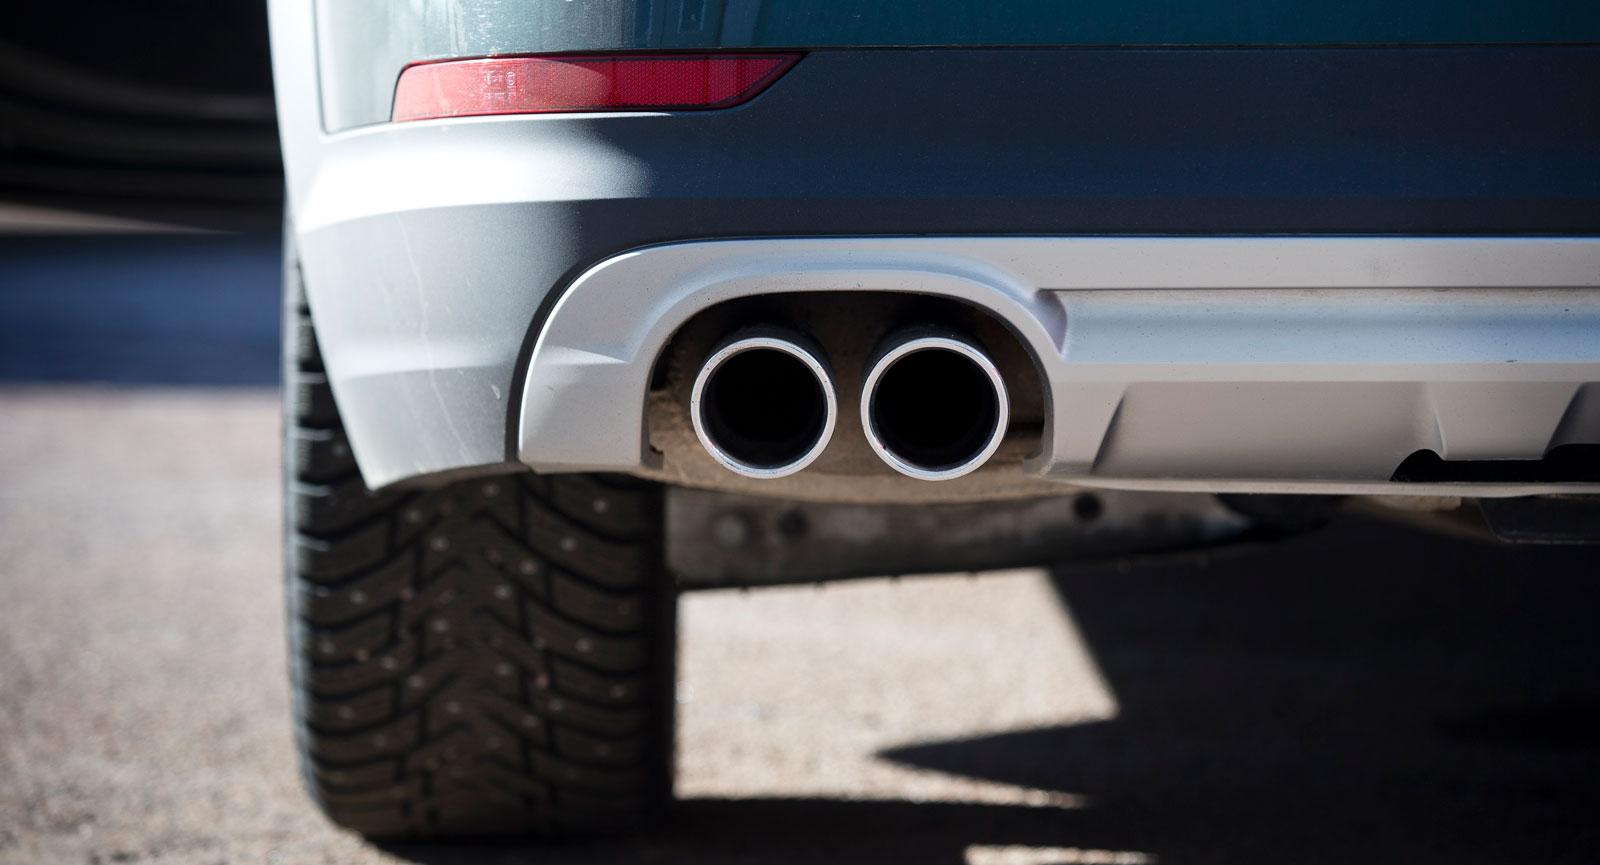 Volvos maffiga avgasutblås är kulisser som döljer normalstora avgasrör.